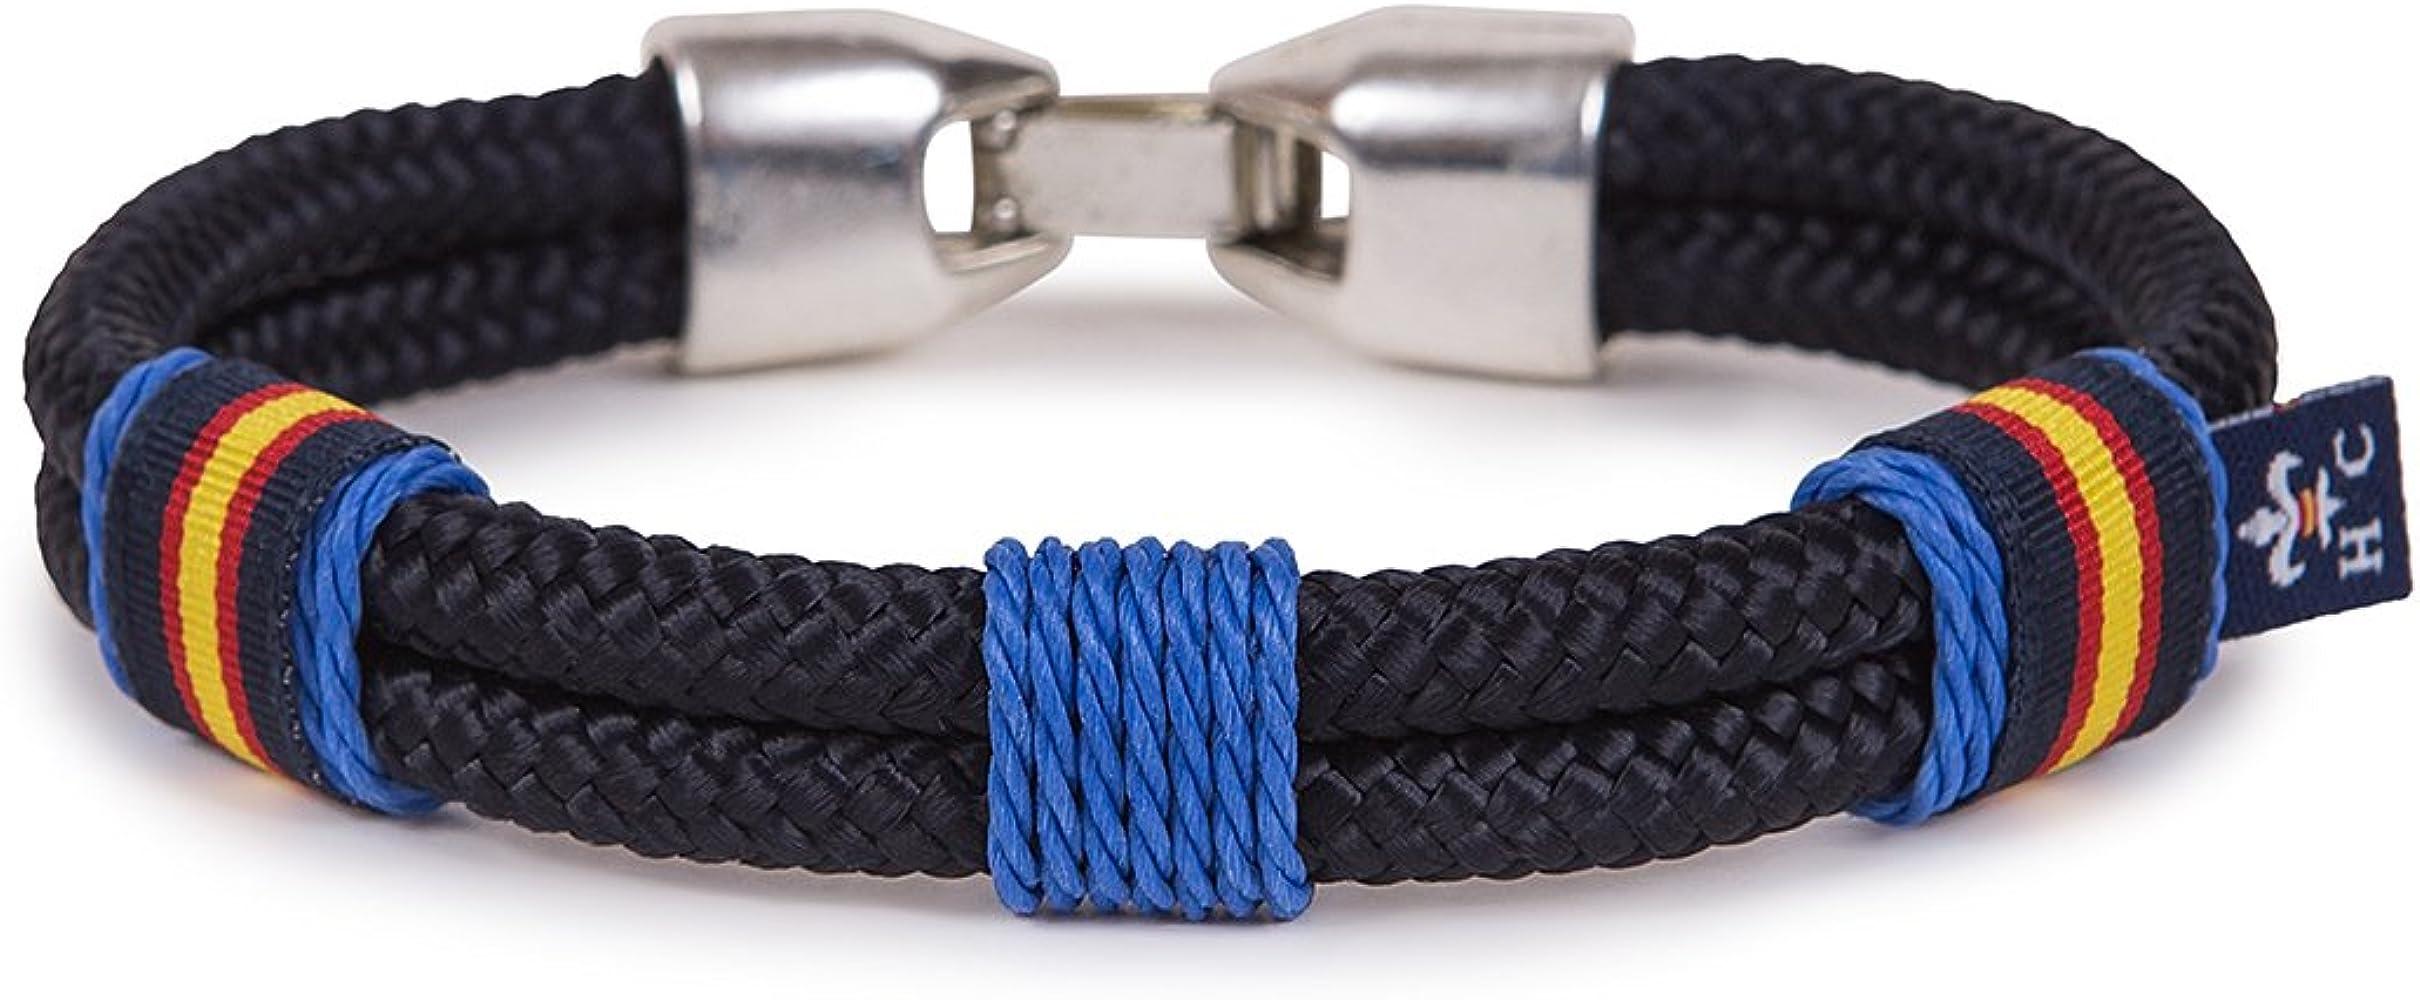 SoloGemelos - Pulsera Cordón Náutico Azulon Con Bandera - Azul, Azulon - Hombres - Talla Unica: SoloGemelos: Amazon.es: Ropa y accesorios